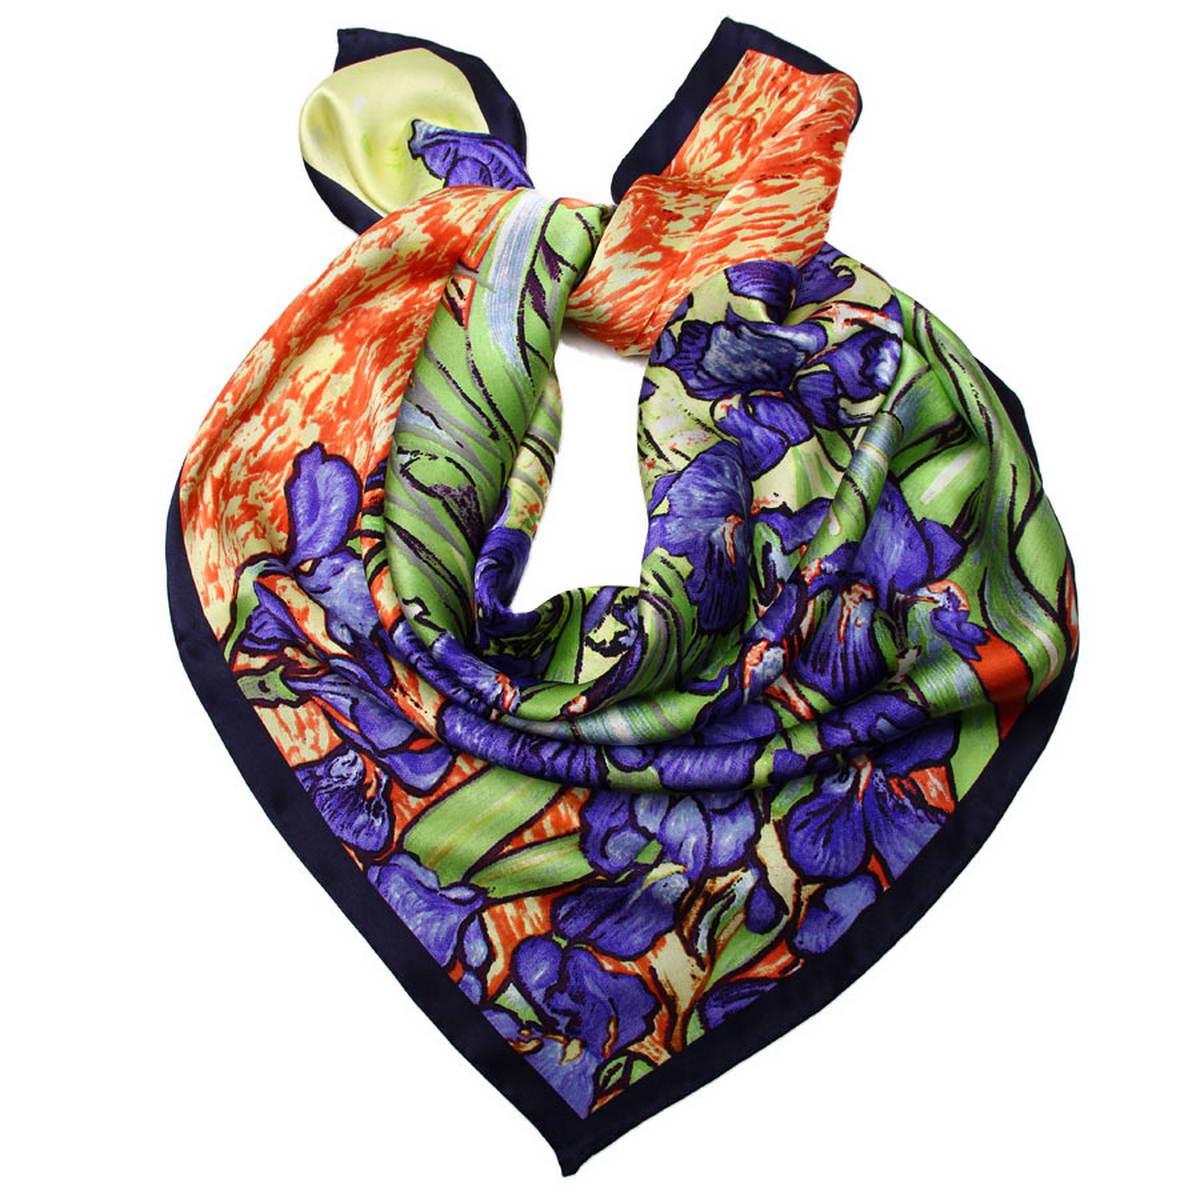 Платок женский Venera, цвет: зеленый, фиолетовый, красный. 1810912-12. Размер 90 см х 90 см1810912-12Стильный женский платок Venera станет великолепным завершением любого наряда. Платок, изготовленный из 100% шелка, оформлен изображением картины Винсента Ван Гога Ирисы. Классическая квадратная форма позволяет носить платок на шее, украшать им прическу или декорировать сумочку. Легкий и приятный на ощупь платок поможет вам создать изысканный женственный образ. Такой платок превосходно дополнит любой наряд и подчеркнет ваш неповторимый вкус и элегантность.